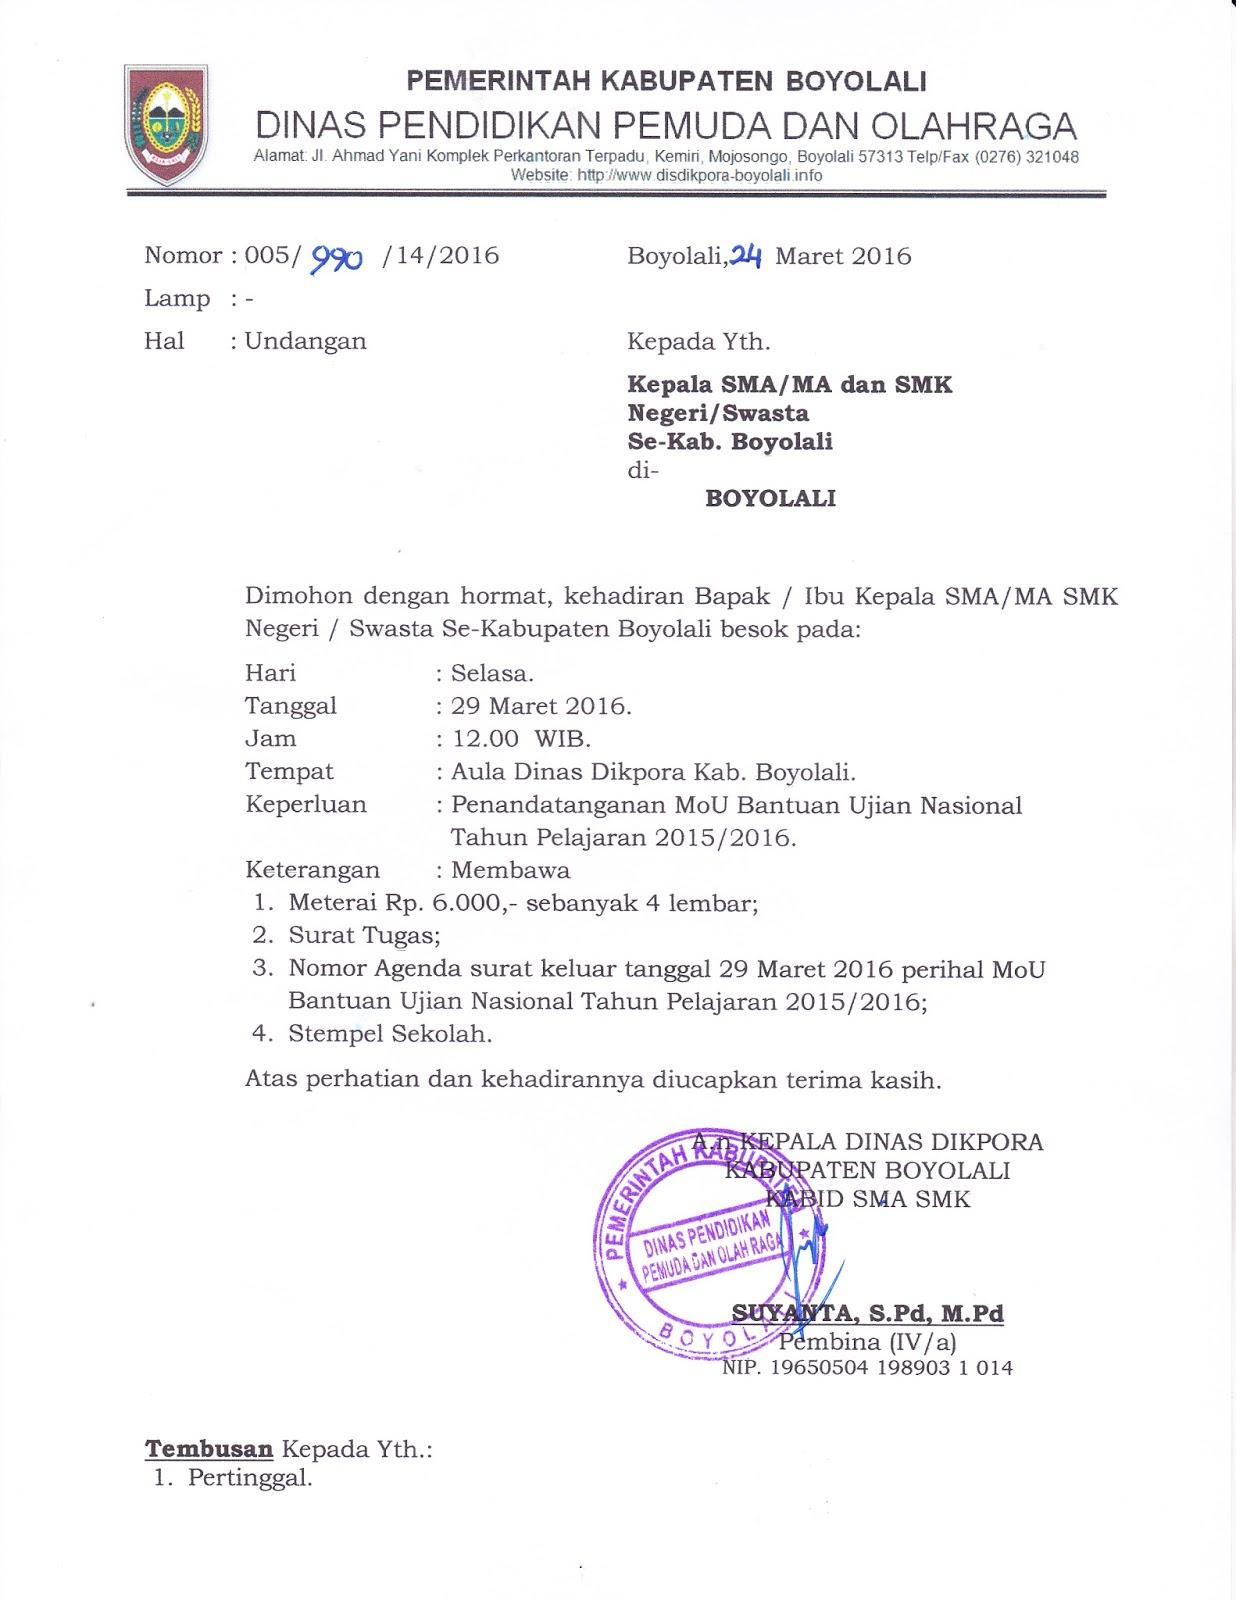 Info Sma Smk Kabupaten Boyolali Undangan Penandatanganan Mou Bantuan Un 2016